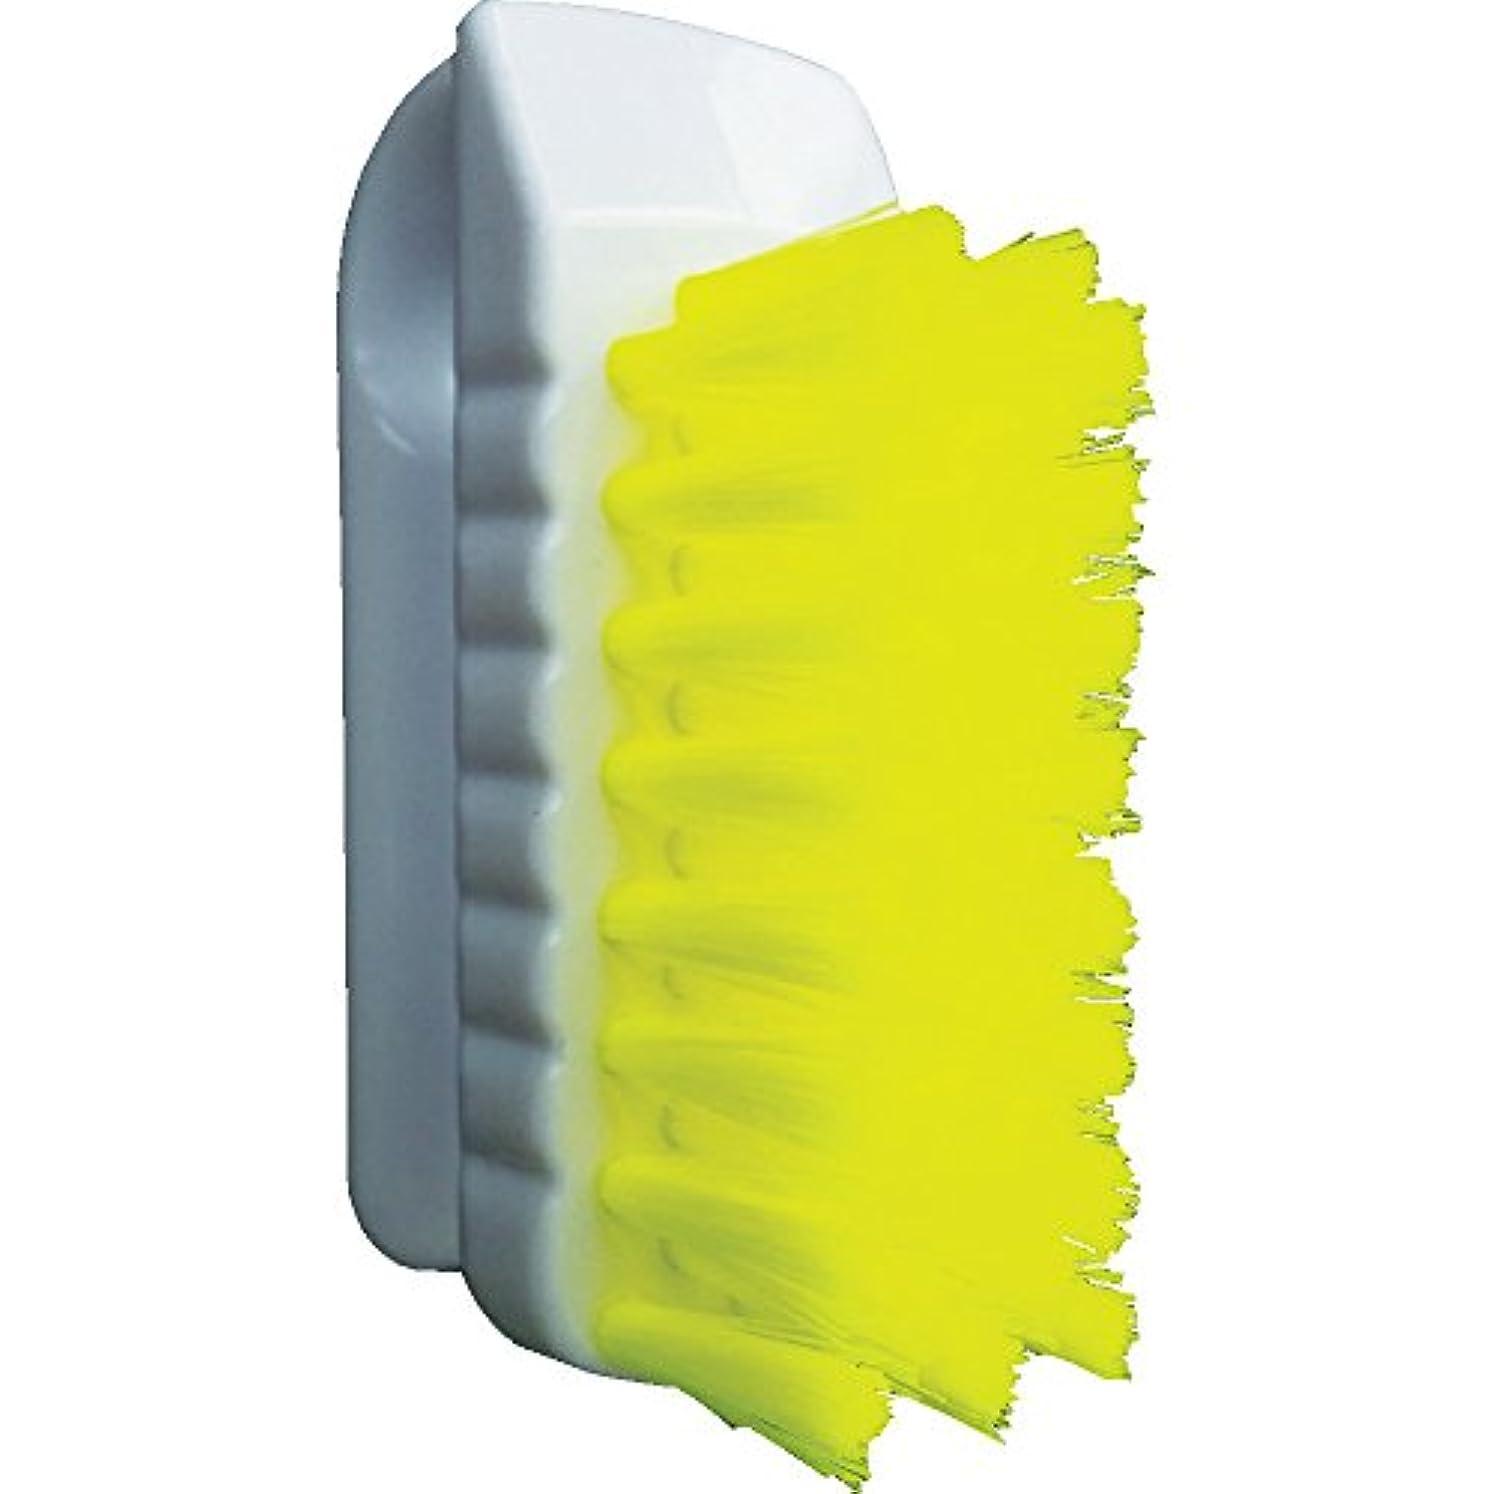 ノーブル借りるペイントバーテック バーキュート 私の爪ブラシ 黄 BCN-Y 61700301 つめ除菌ブラシ